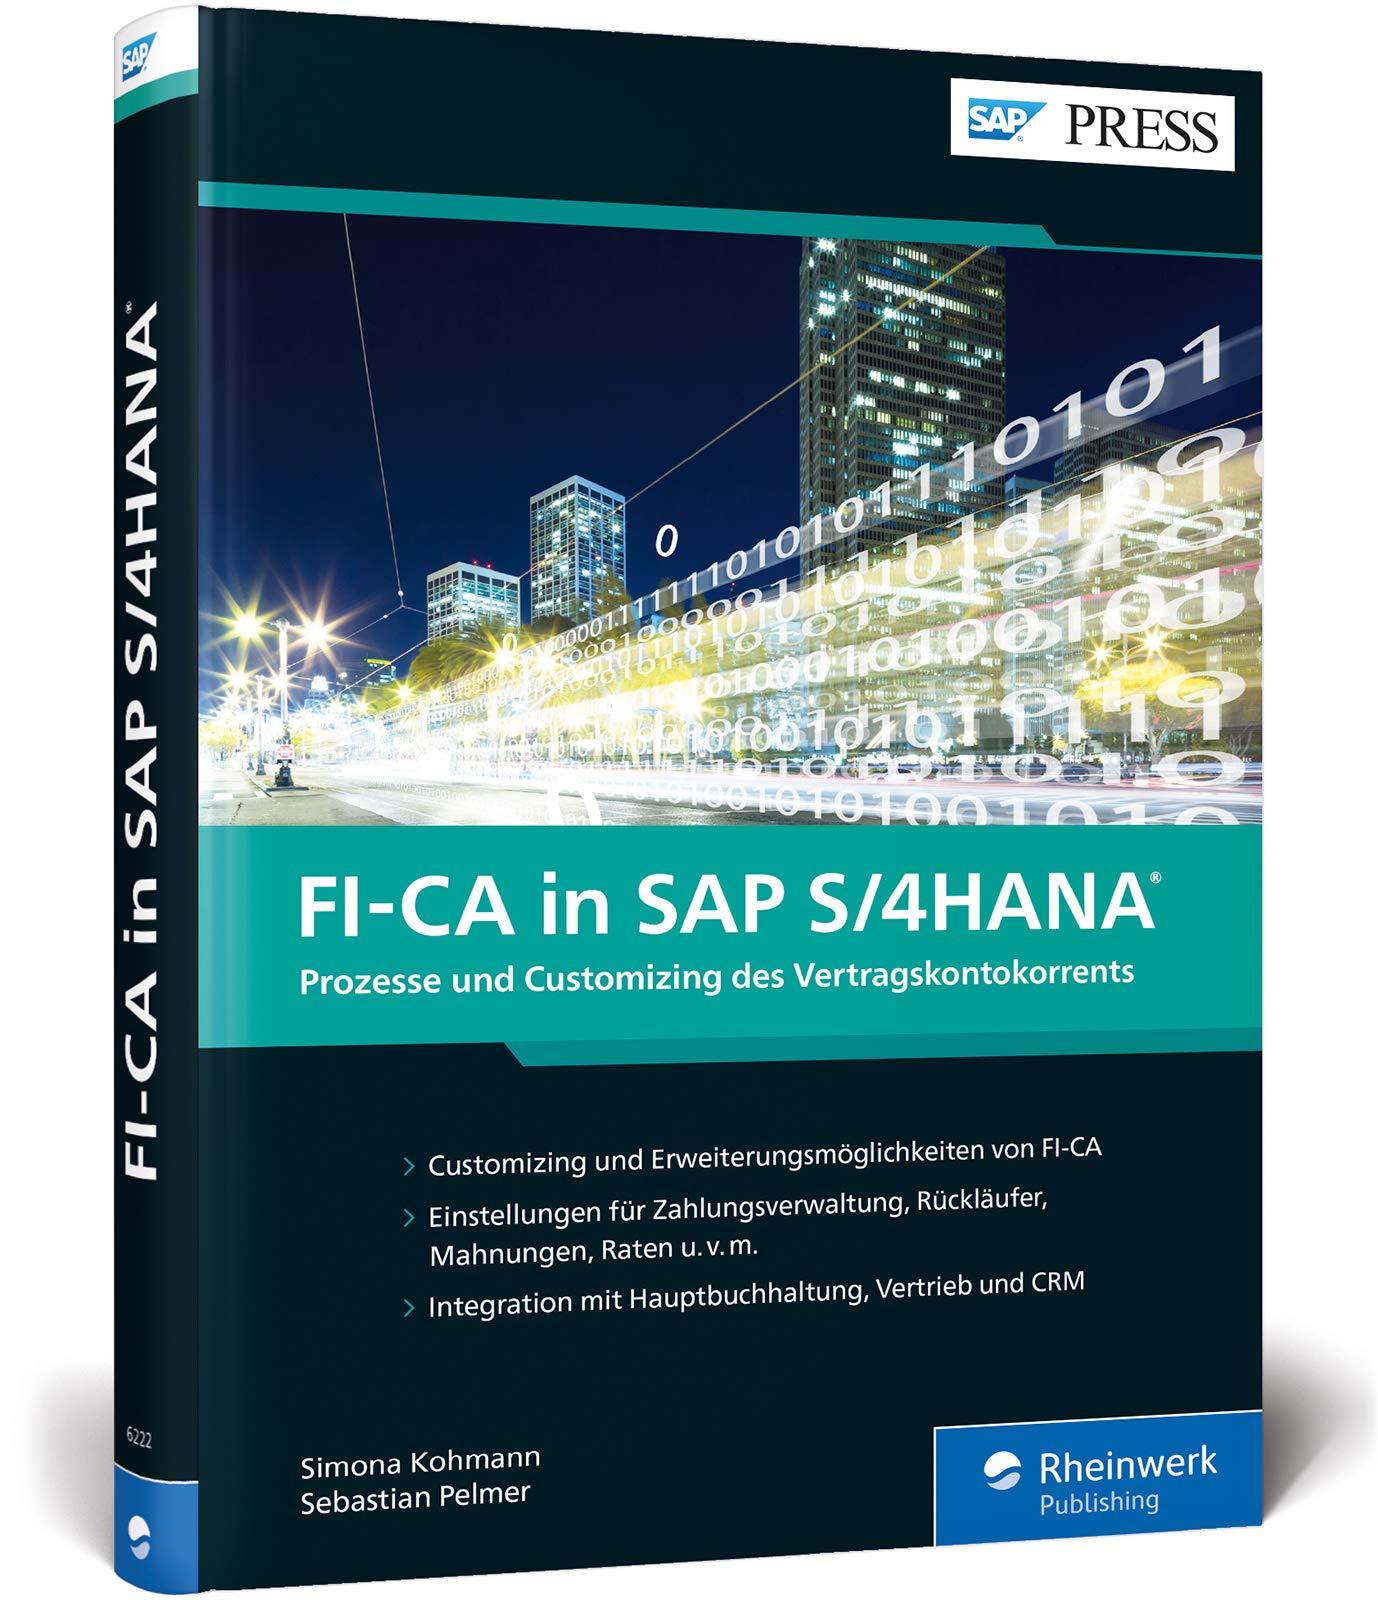 FI CA In SAP S 4HANA  Ihr Detaillierter Leitfaden Für Die Umsetzung Der Debitorenbuchhaltung Mit FI CA  SAP PRESS